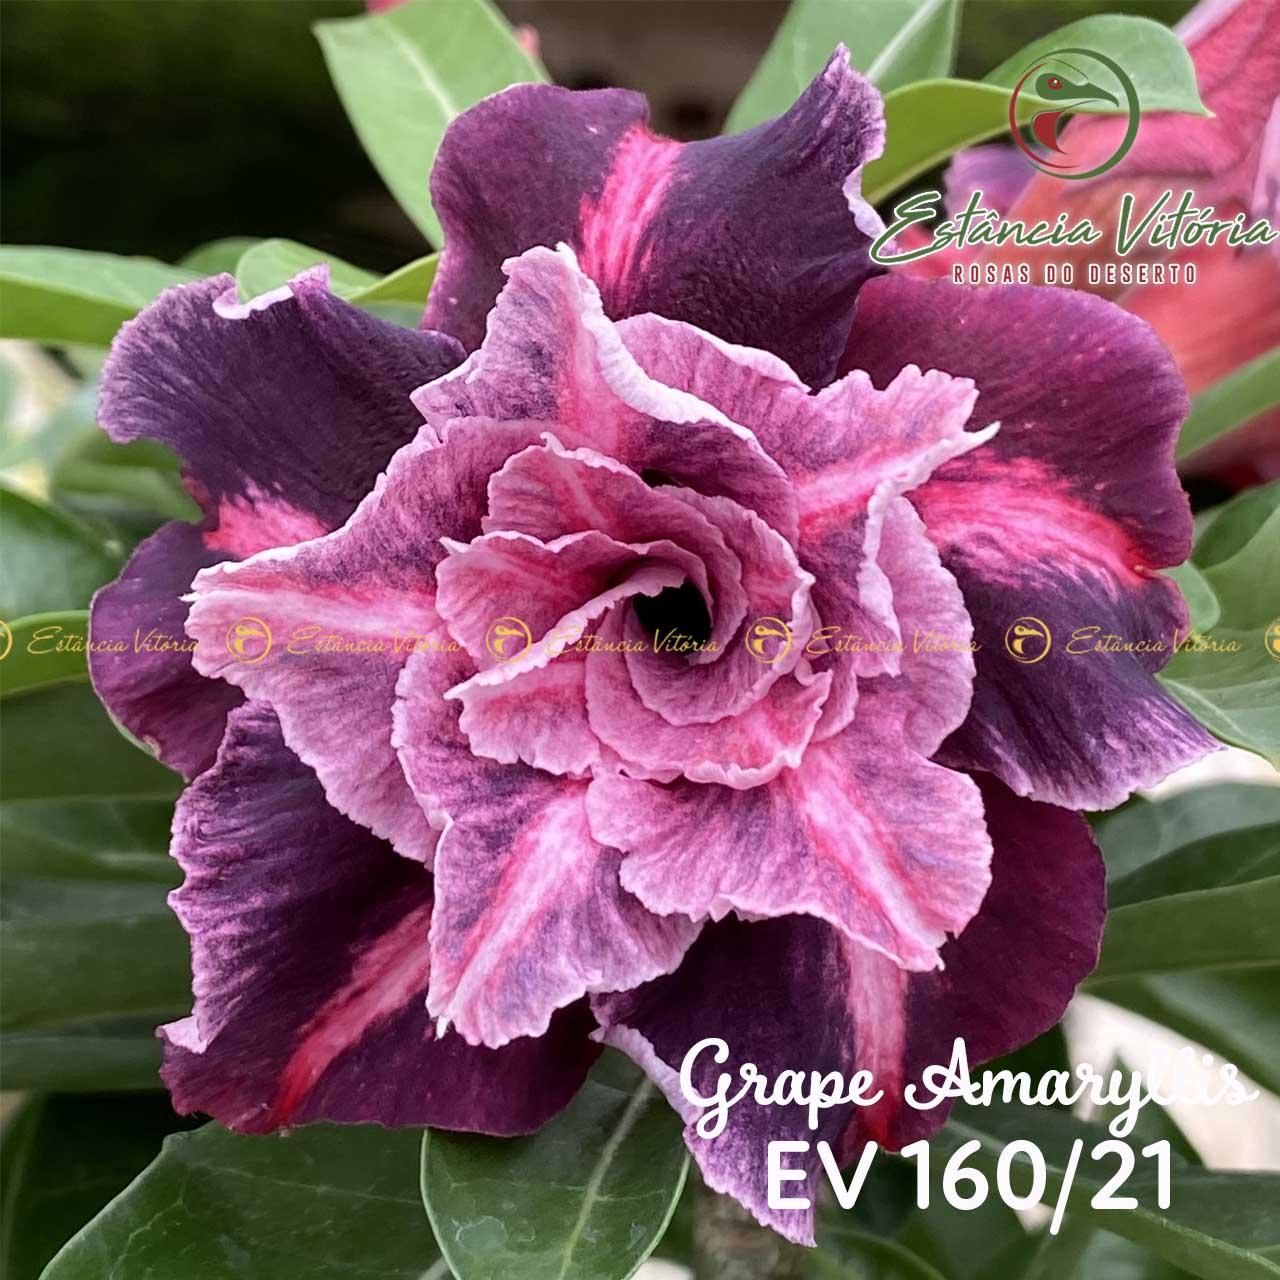 Muda de Rosa do Deserto Grape Amaryllis EV-16021